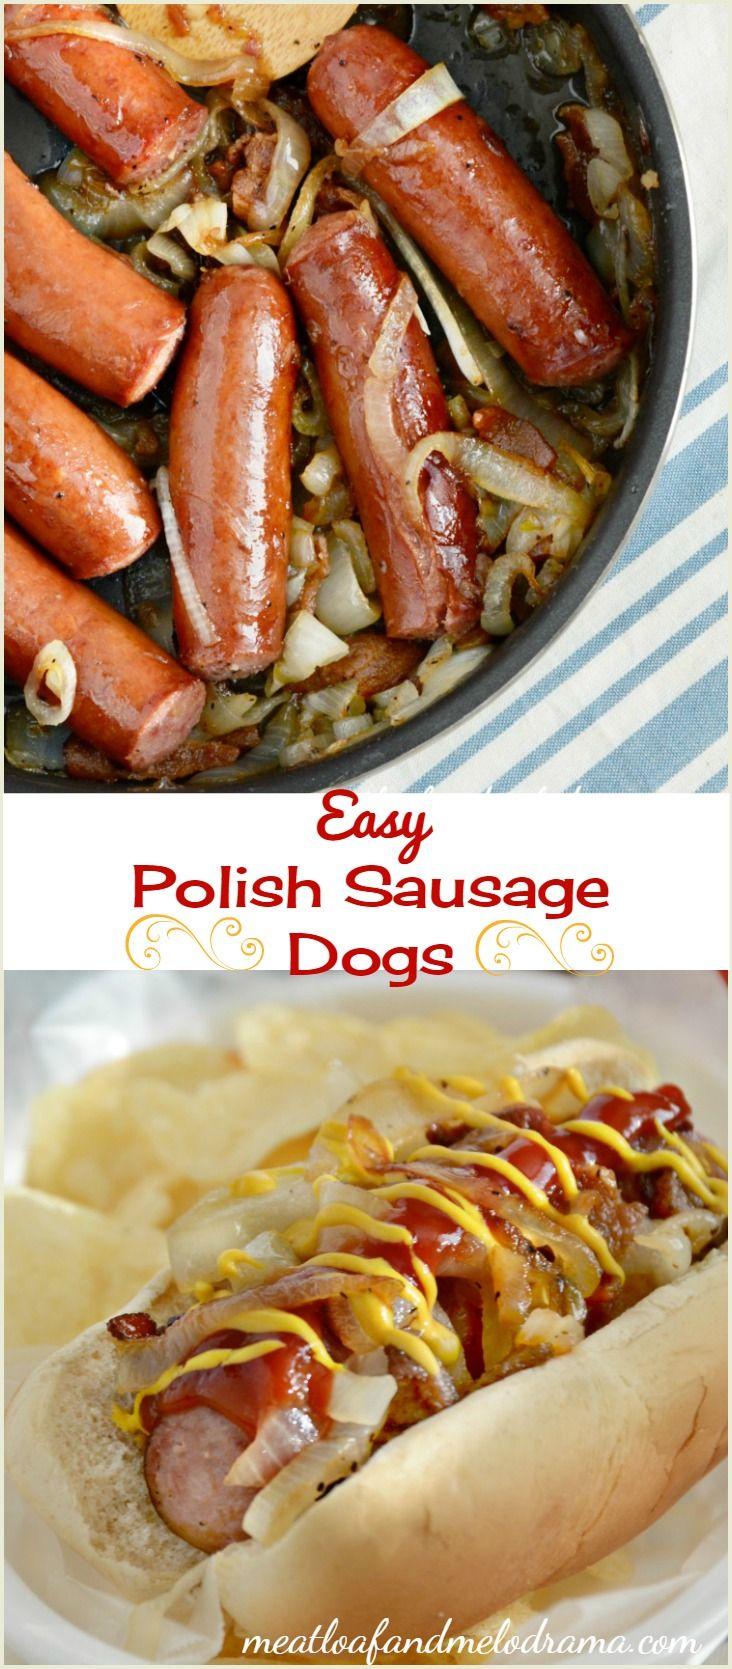 easy Polish sausage dogs